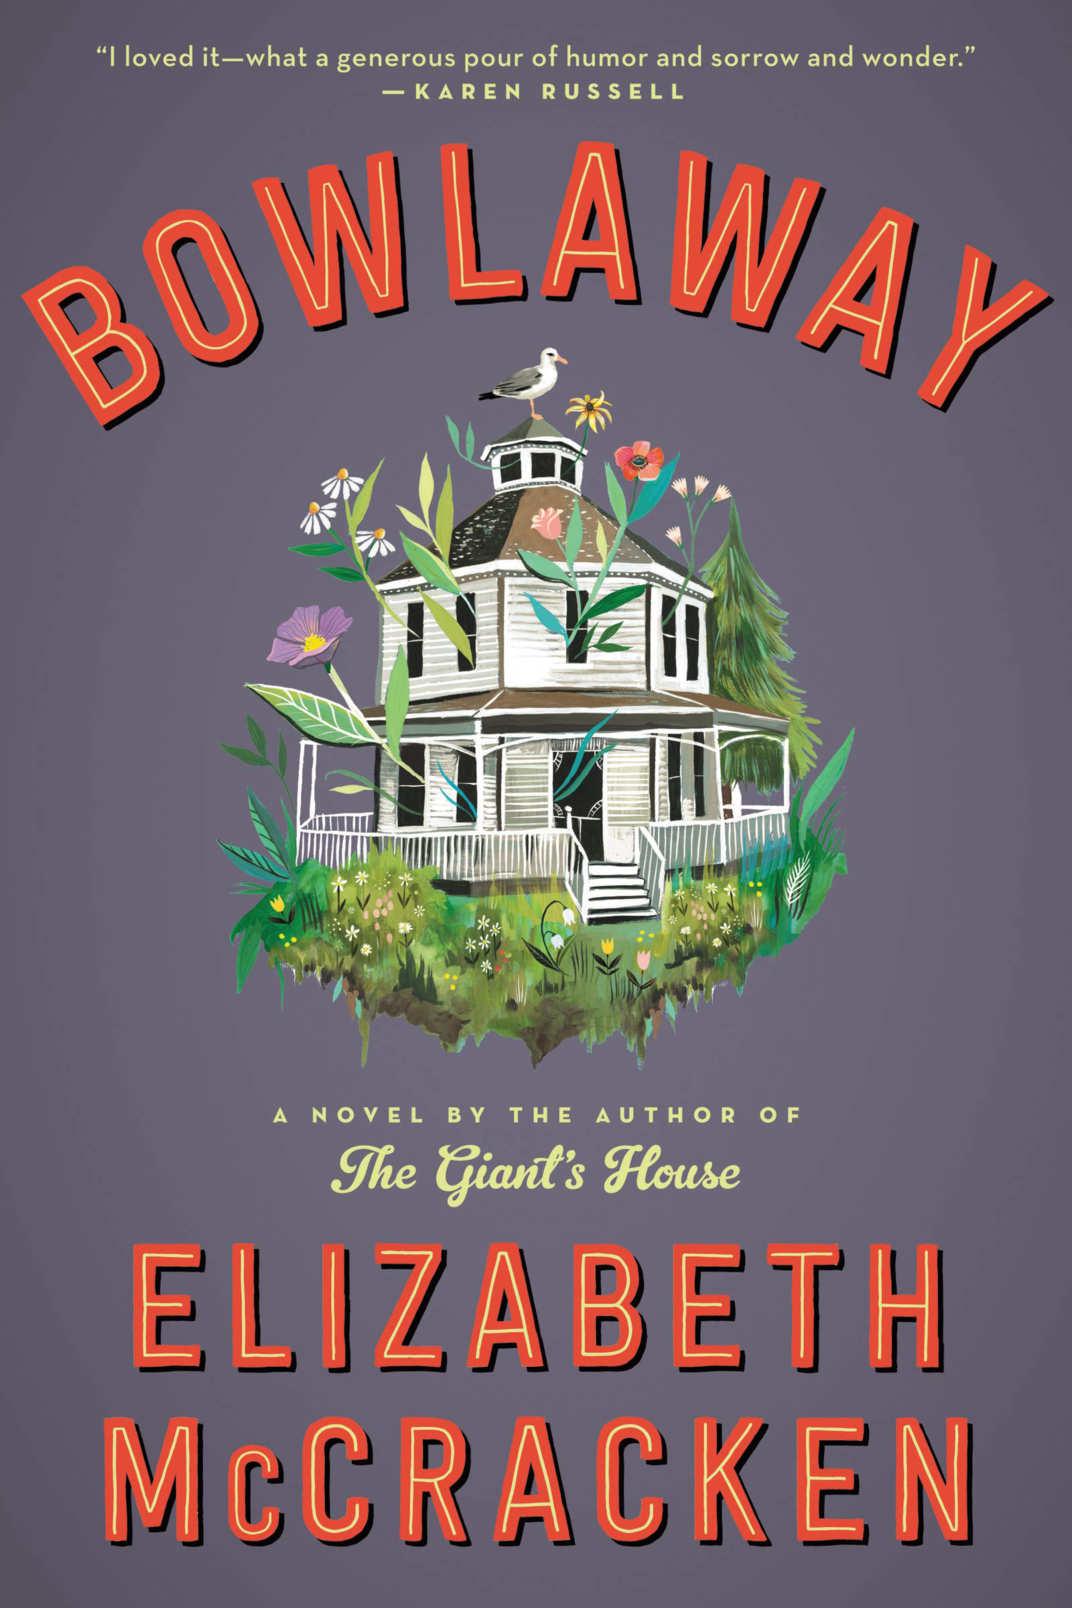 <em>Bowlaway</em>, by Elizabeth McCracken (Ecco, Feb. 5)